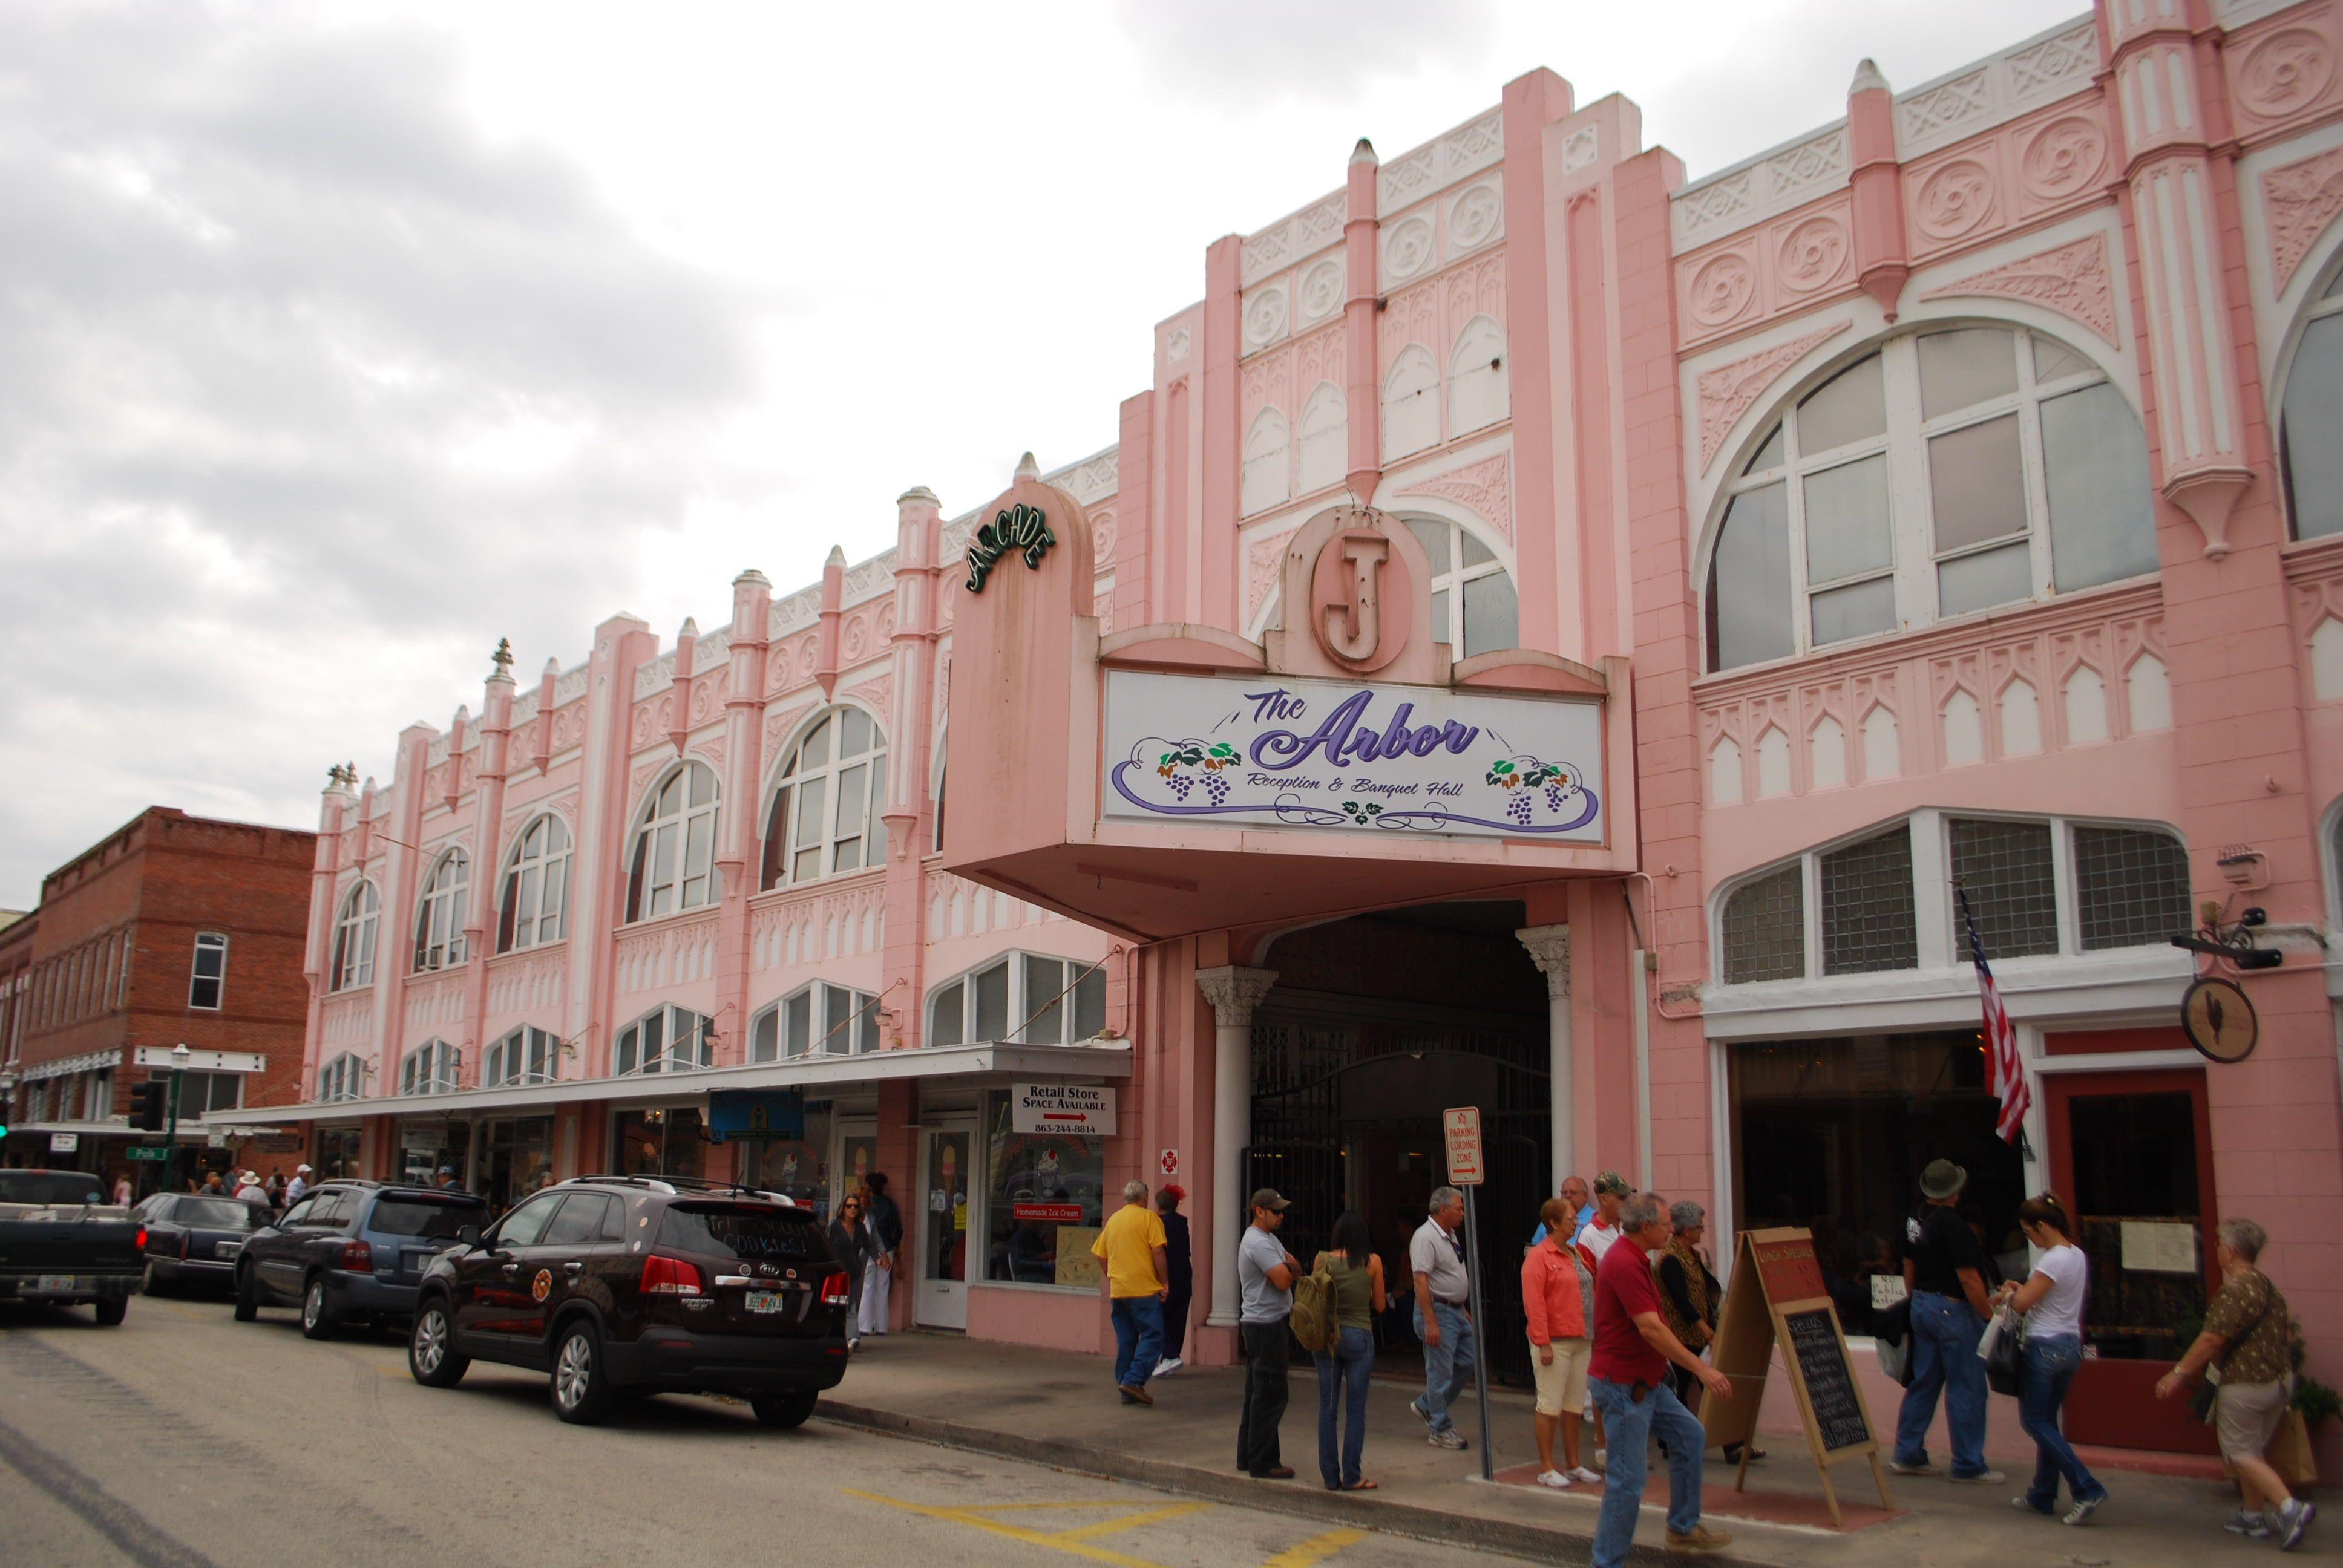 antique stores arcadia fl The Arbor building, Arcadia, FL visitdesoto.| DeSoto County  antique stores arcadia fl